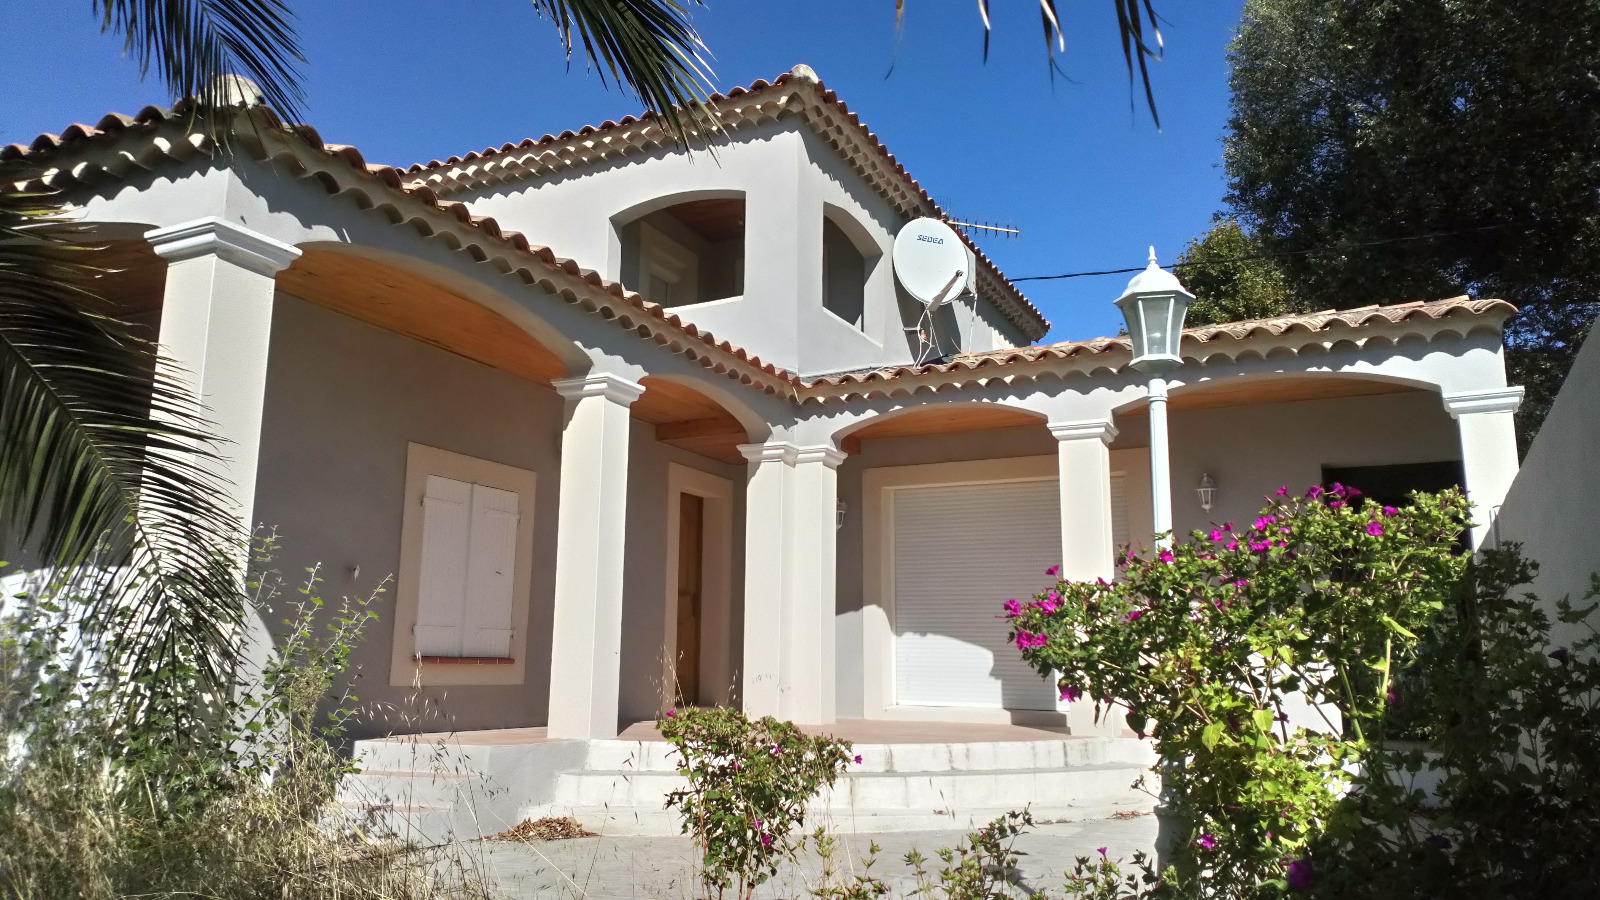 Vente villa traditionnelle vedene 84270 150m avec 4 for Vente maison par agence immobiliere